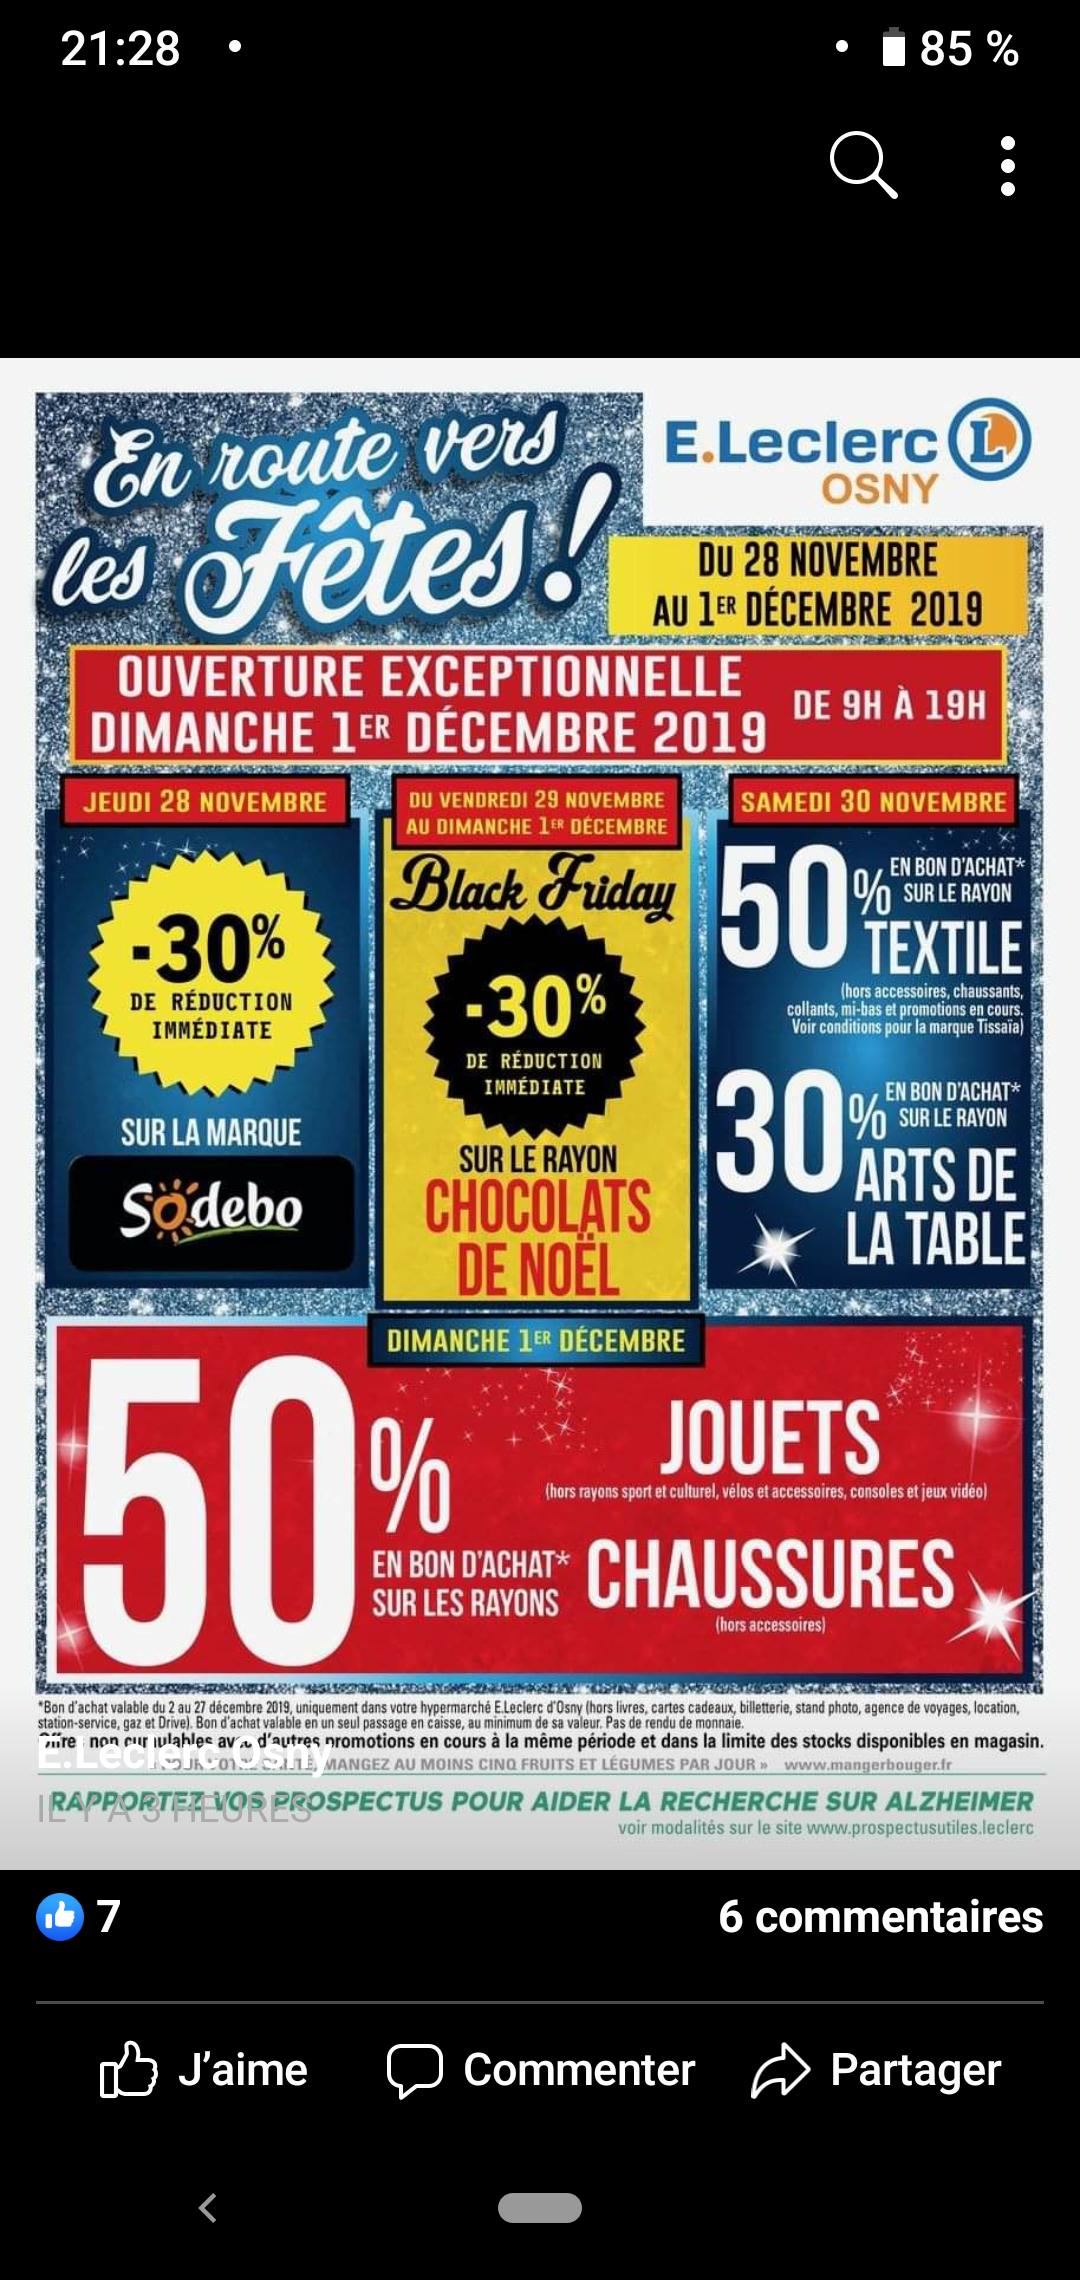 50% remboursés en bon d'achat sur le rayon Jouets (hors consoles, culturel, jeux vidéo et sport) - Osny (95)